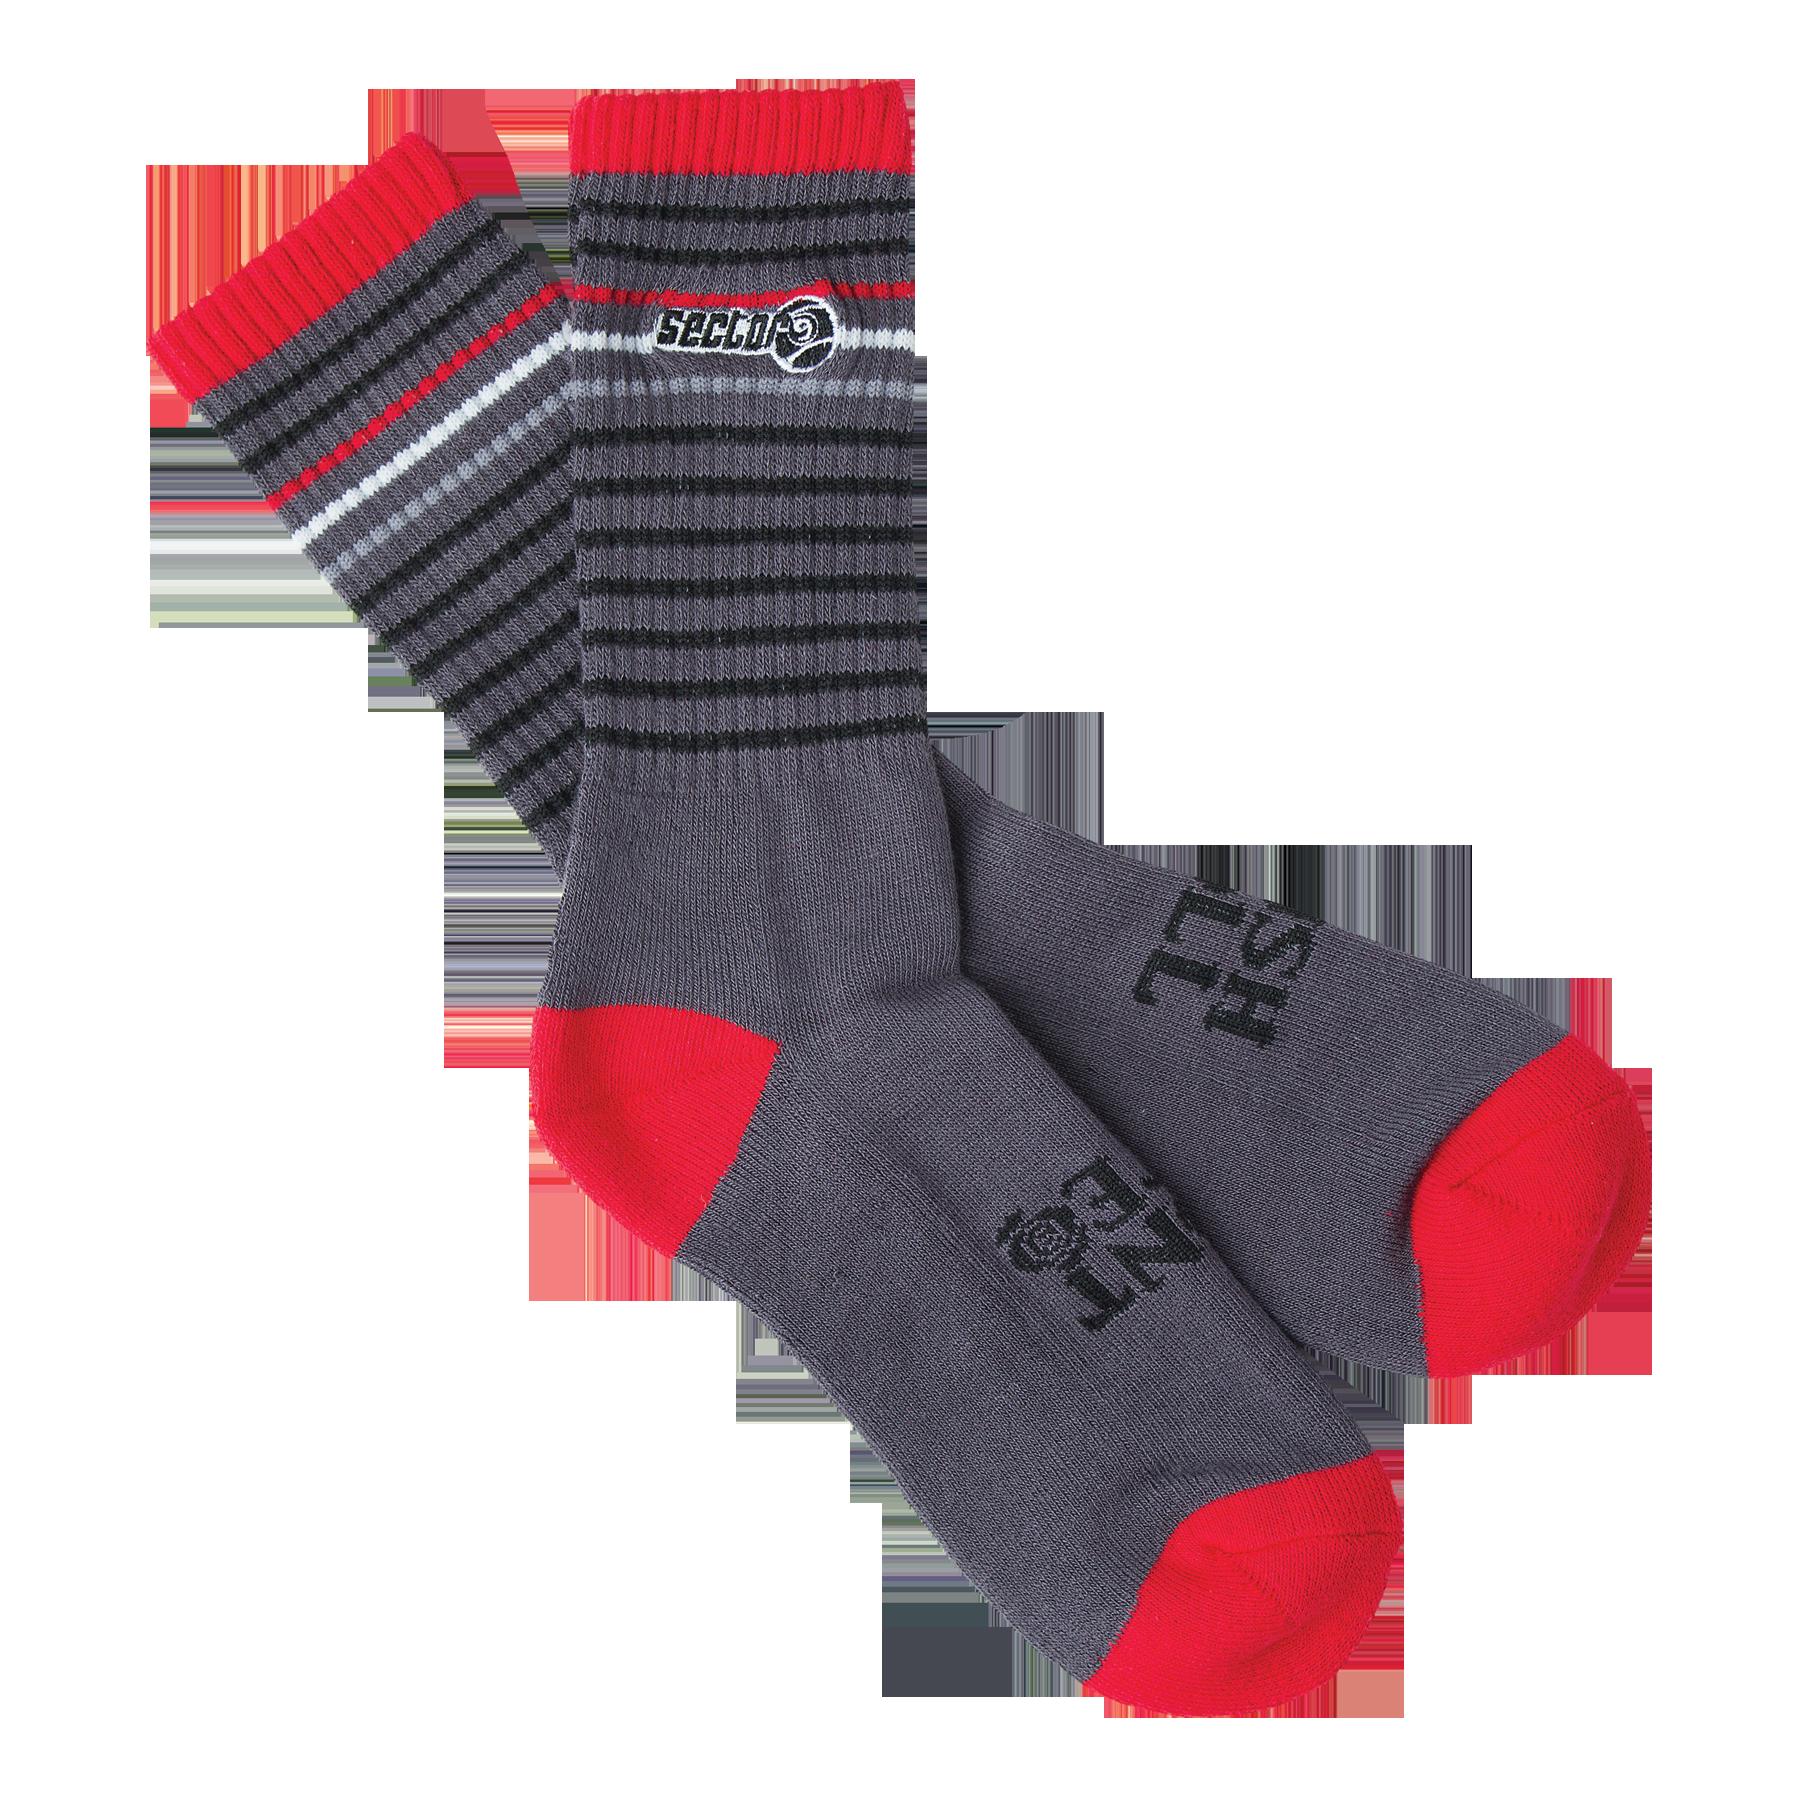 Socks PNG Image.